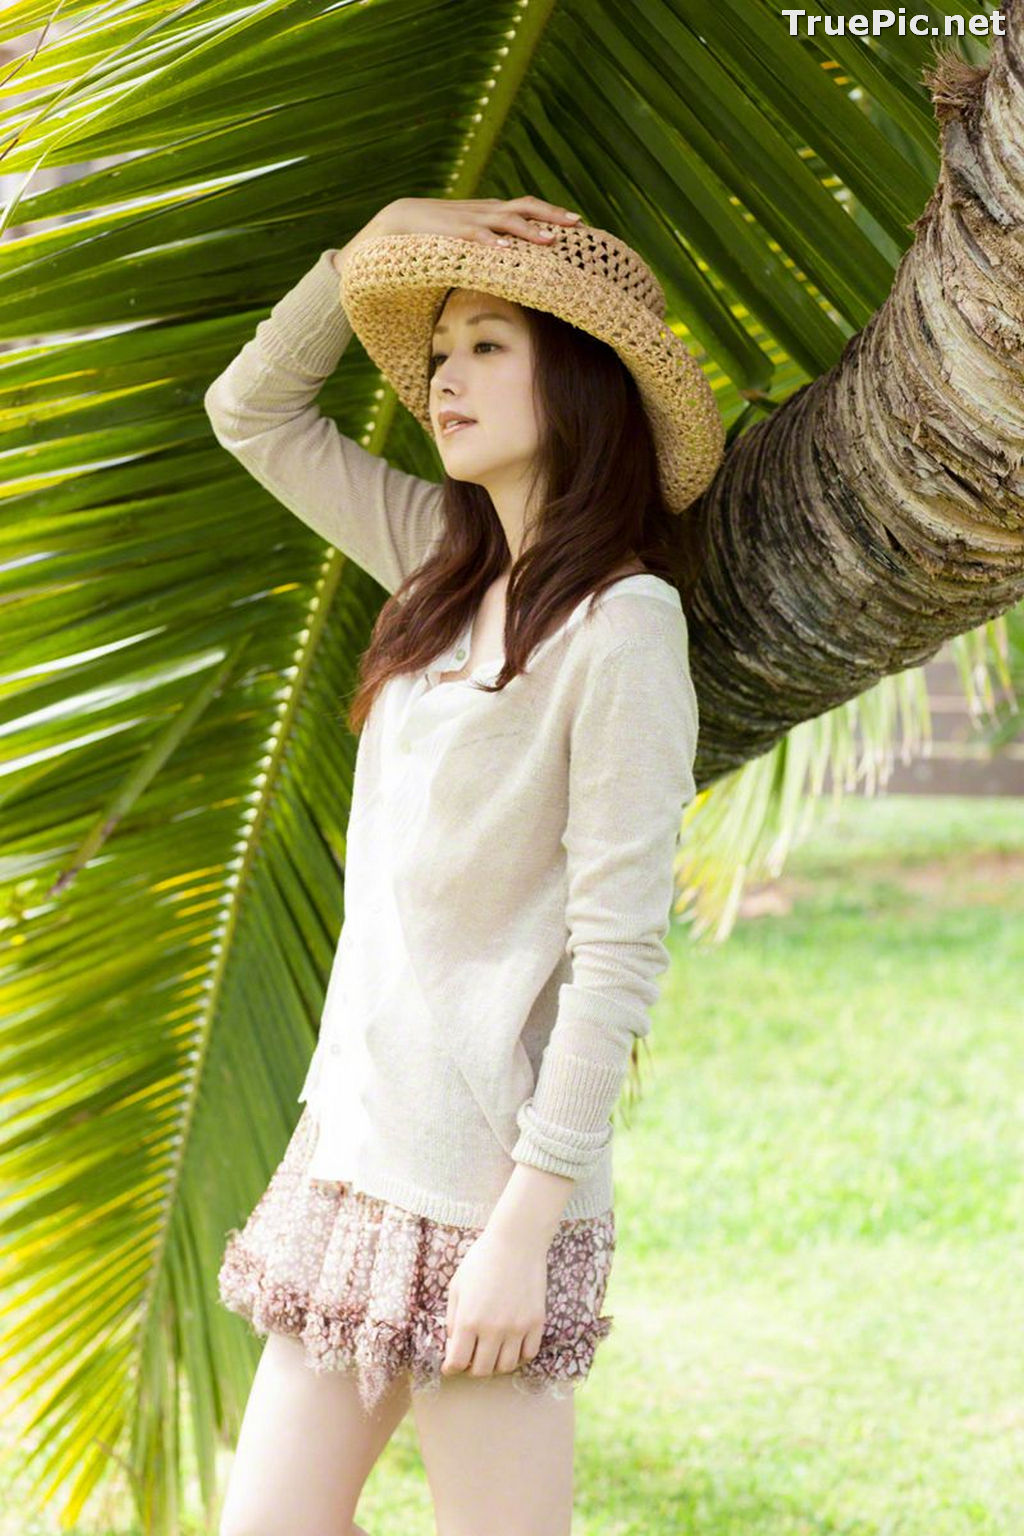 Image Wanibooks No.138 – Japanese Actress and Model – Yuko Fueki - TruePic.net - Picture-4